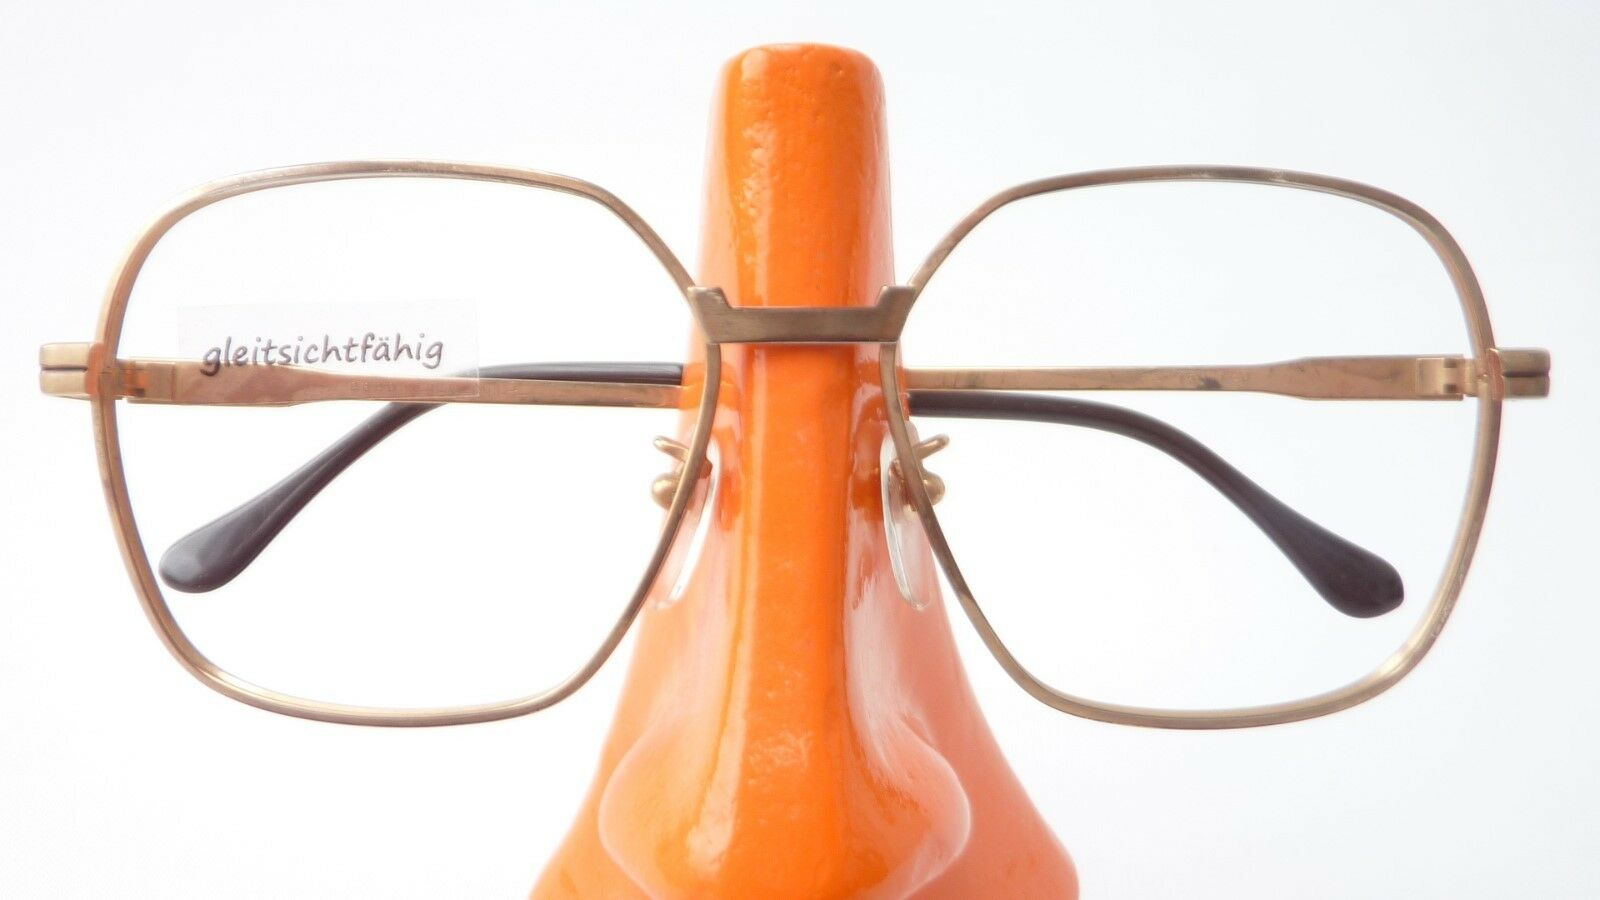 Billiger Preis Gaultier Brillengestell Brillenfassung Brille Schmal Leicht Edel Silber Gr M Antiquitäten & Kunst